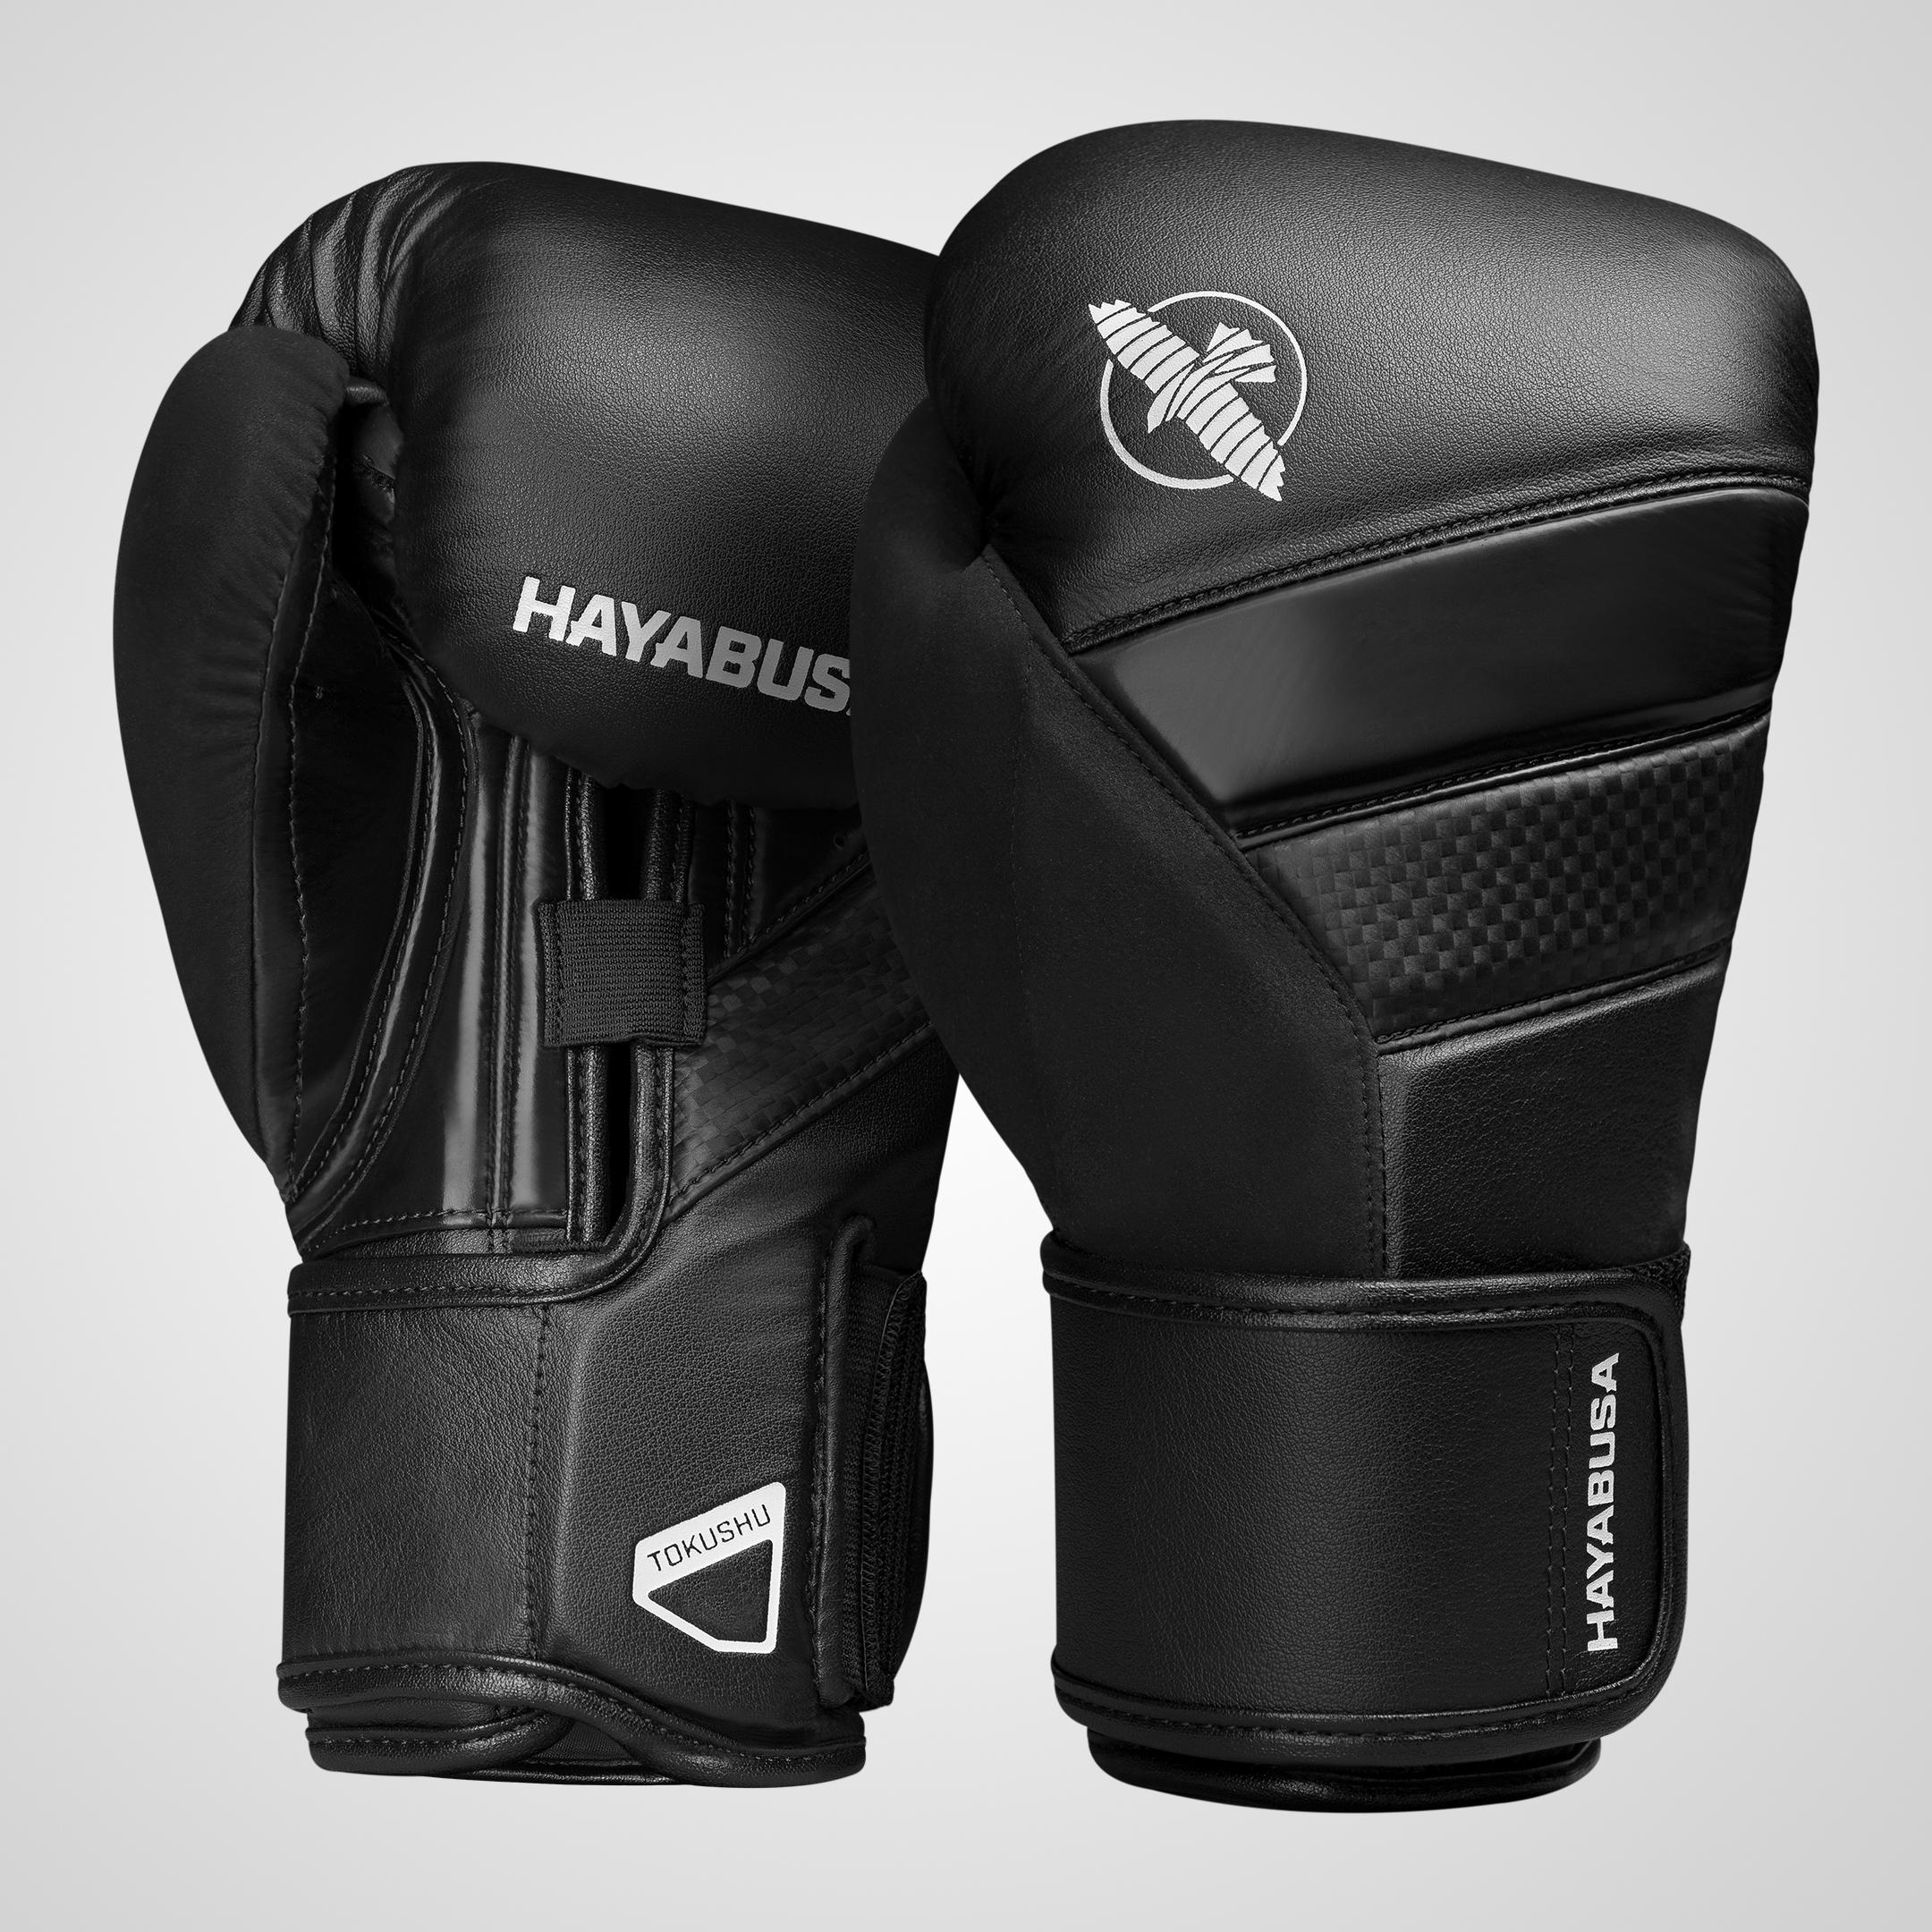 sac de frappe Hayabusa d/'entra/înement de Kickboxing Gants de boxe T3 MMA 4 oz